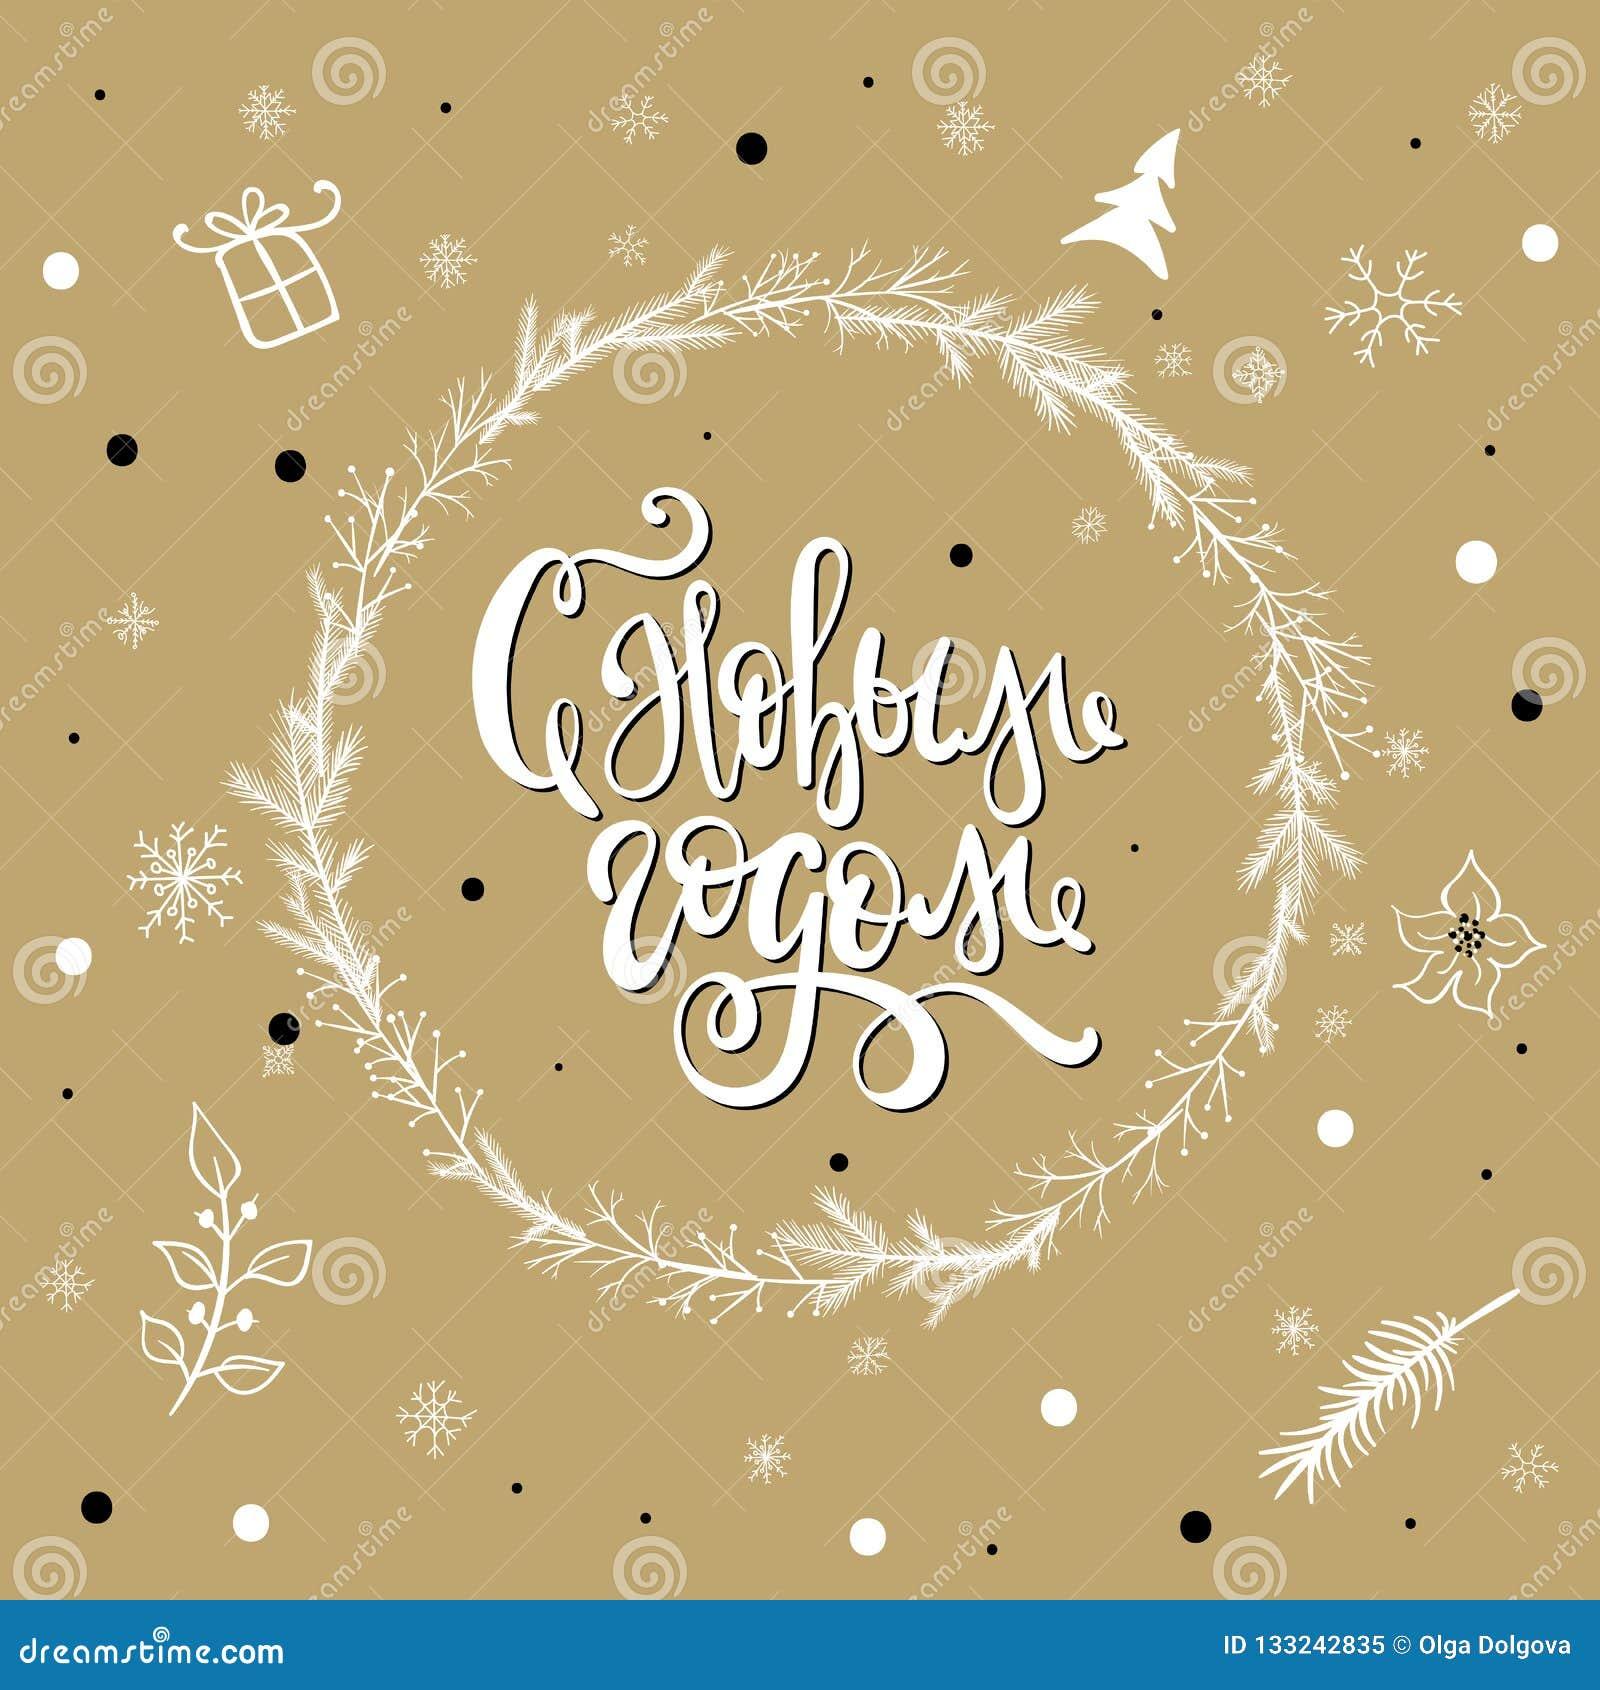 Ρωσική εγγραφή καλή χρονιά στο χρυσό υπόβαθρο επίσης corel σύρετε το διάνυσμα απεικόνισης Καλλιγραφία για τις κάρτες, αφίσες, ευχ